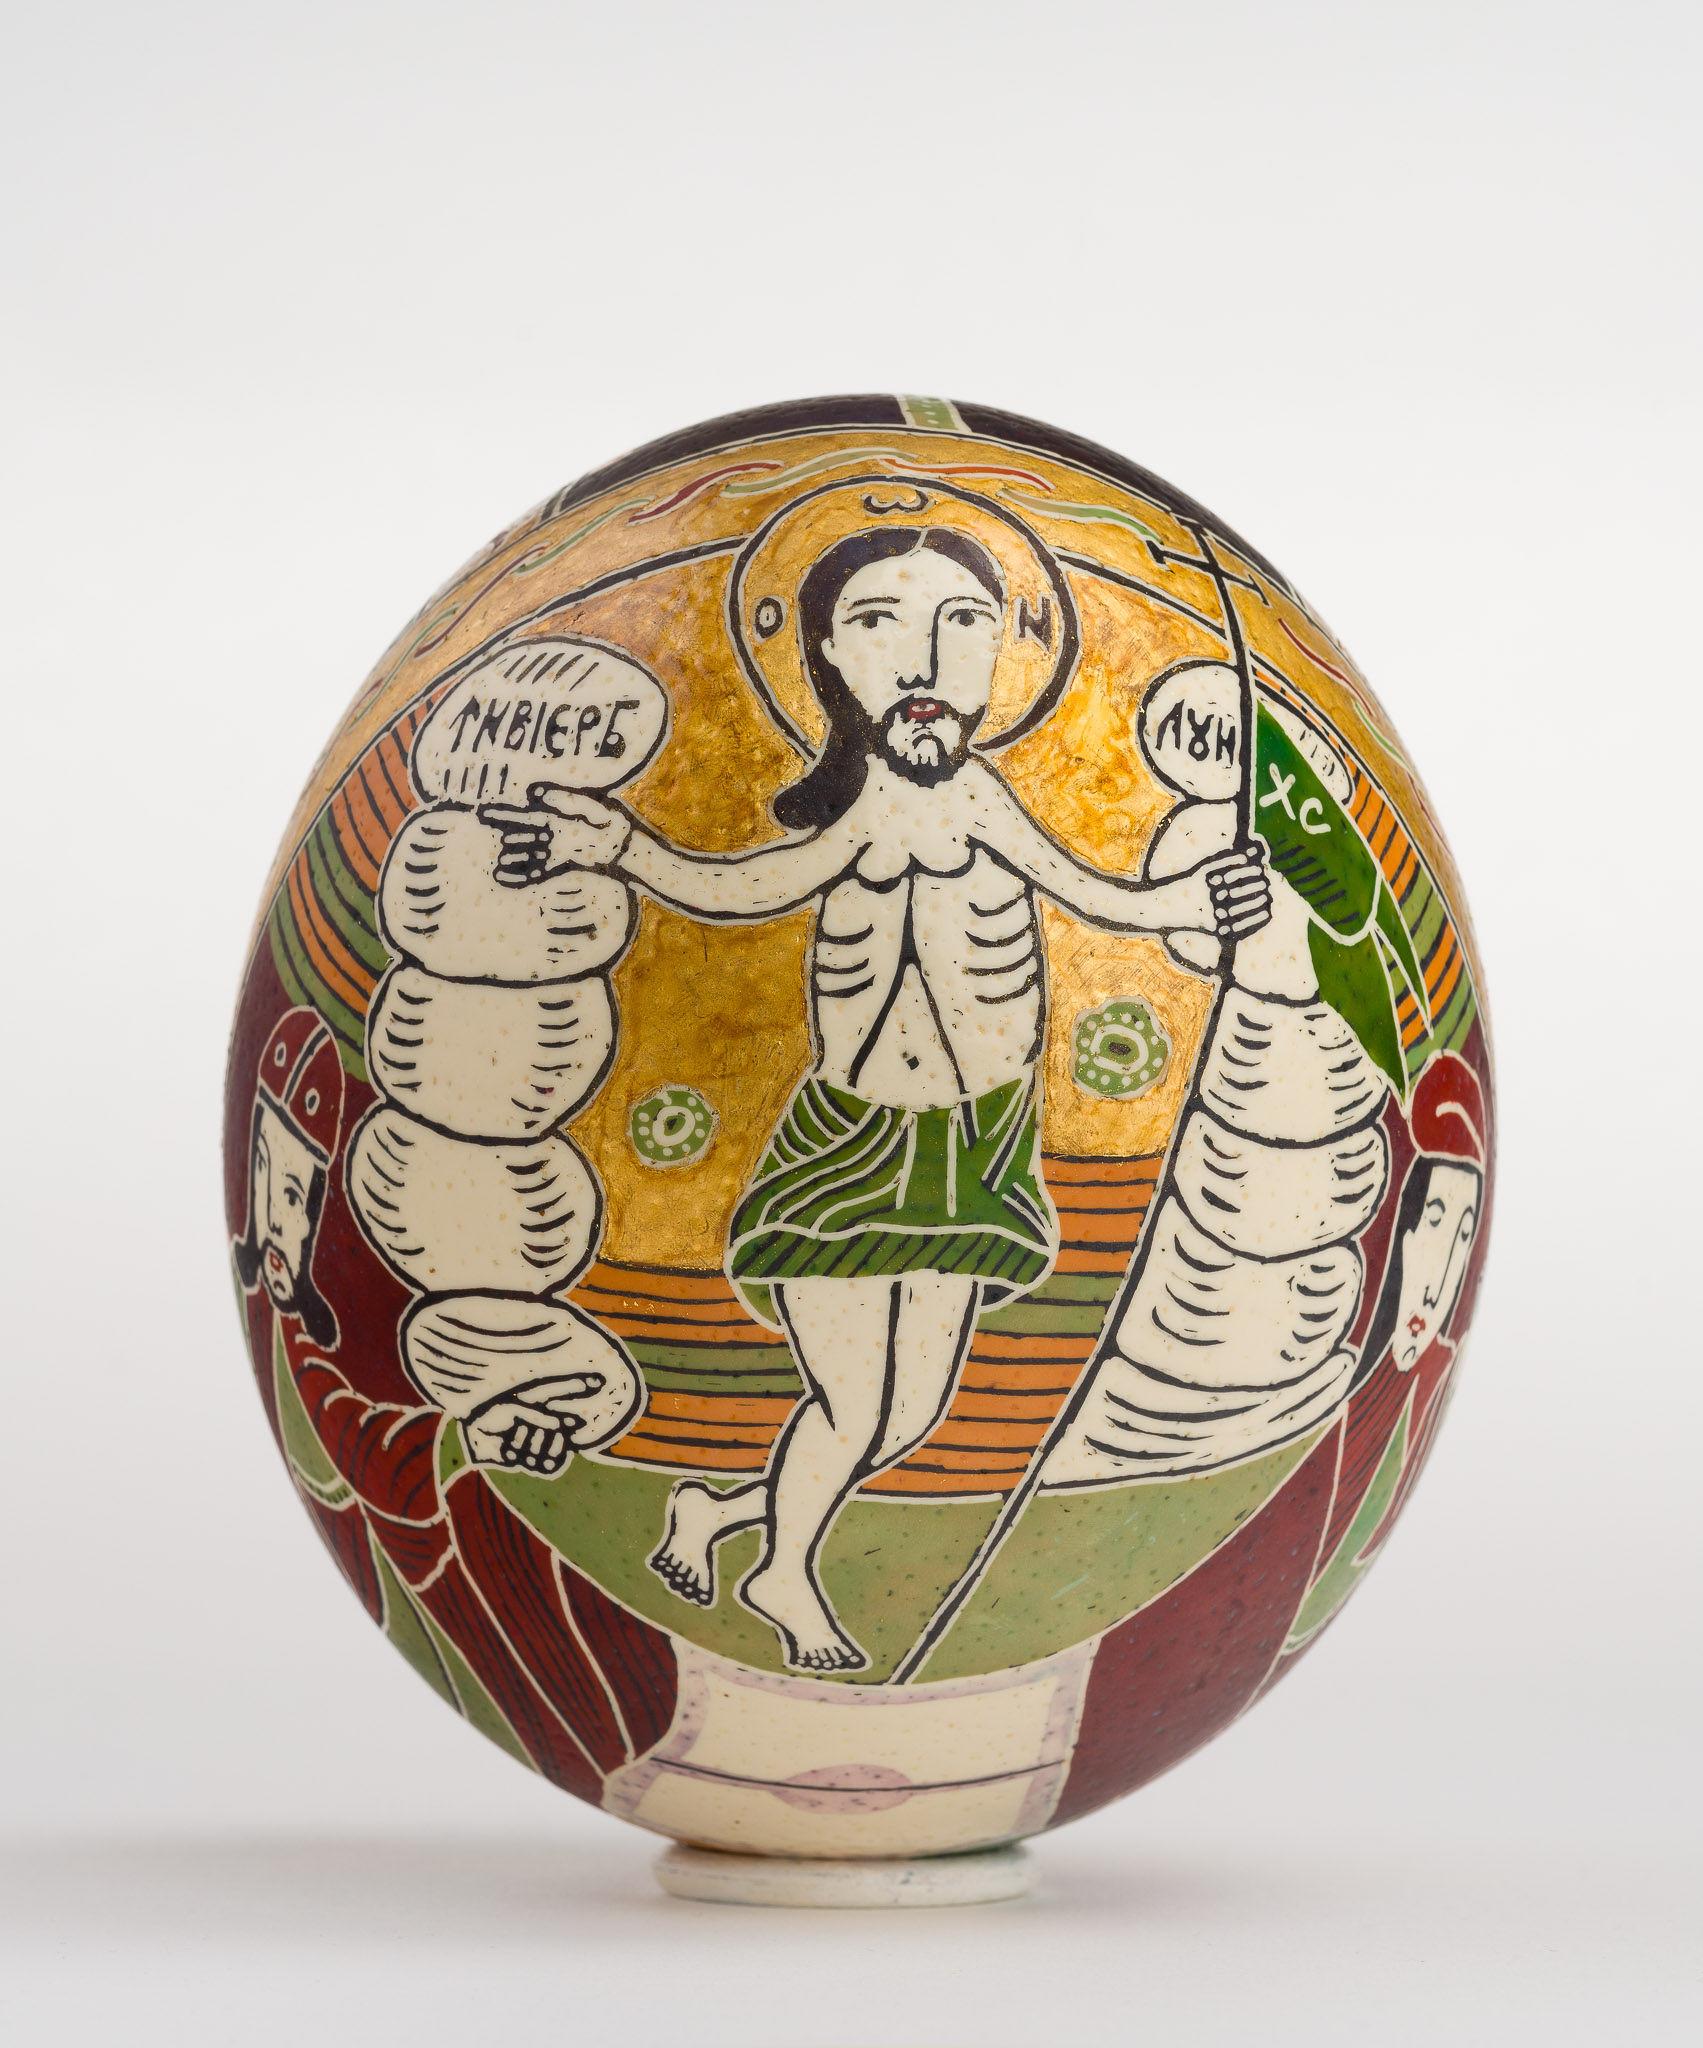 Icoană încondeiată pe ou de struț - Învierea Domnului. Sfintele Paști - maryando-118a.jpg